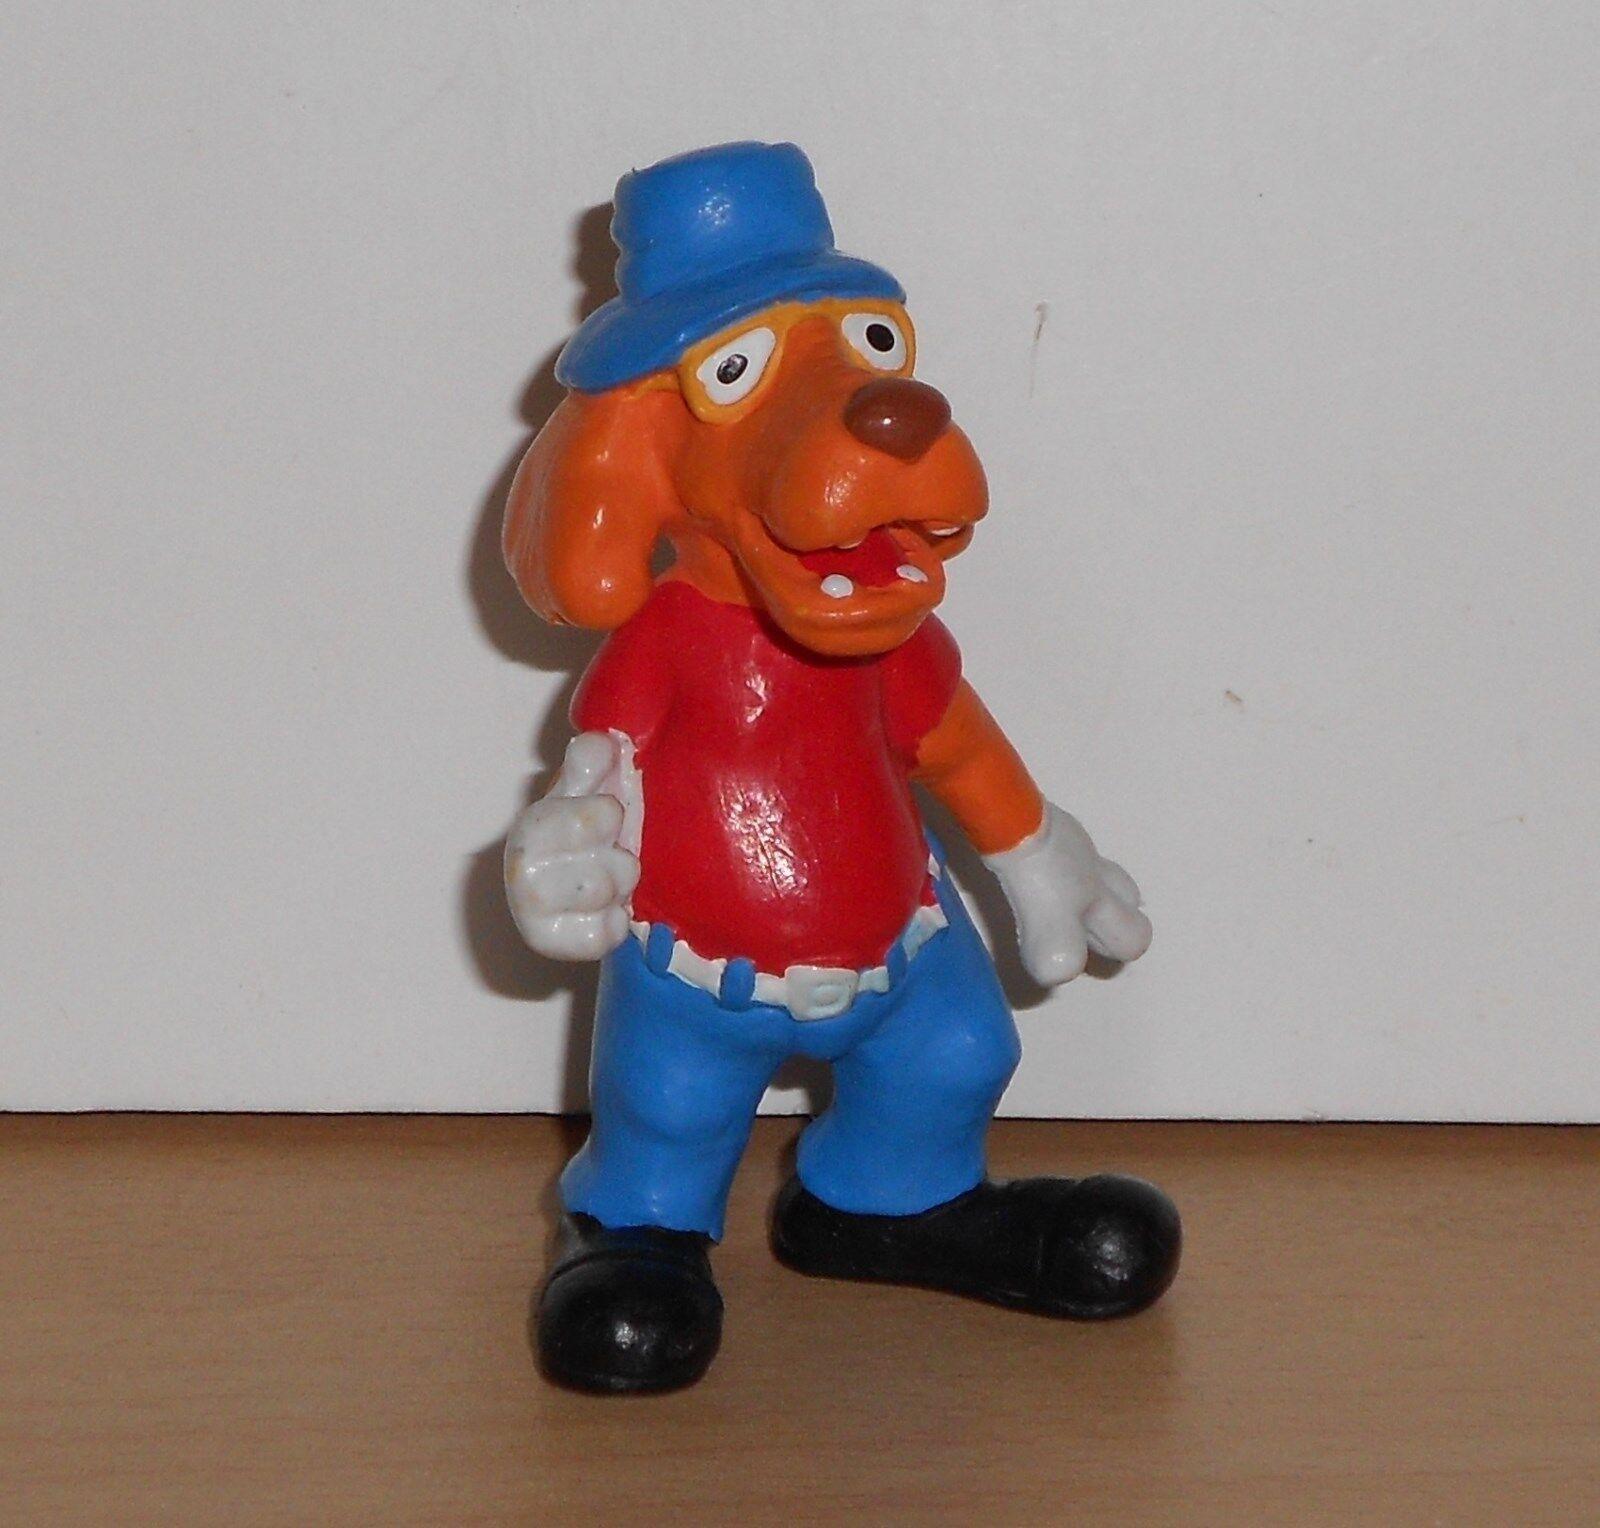 Mascot RTC TV Show 123 OURA HOTEL Figure Figurine DOG - MAIA BORGES